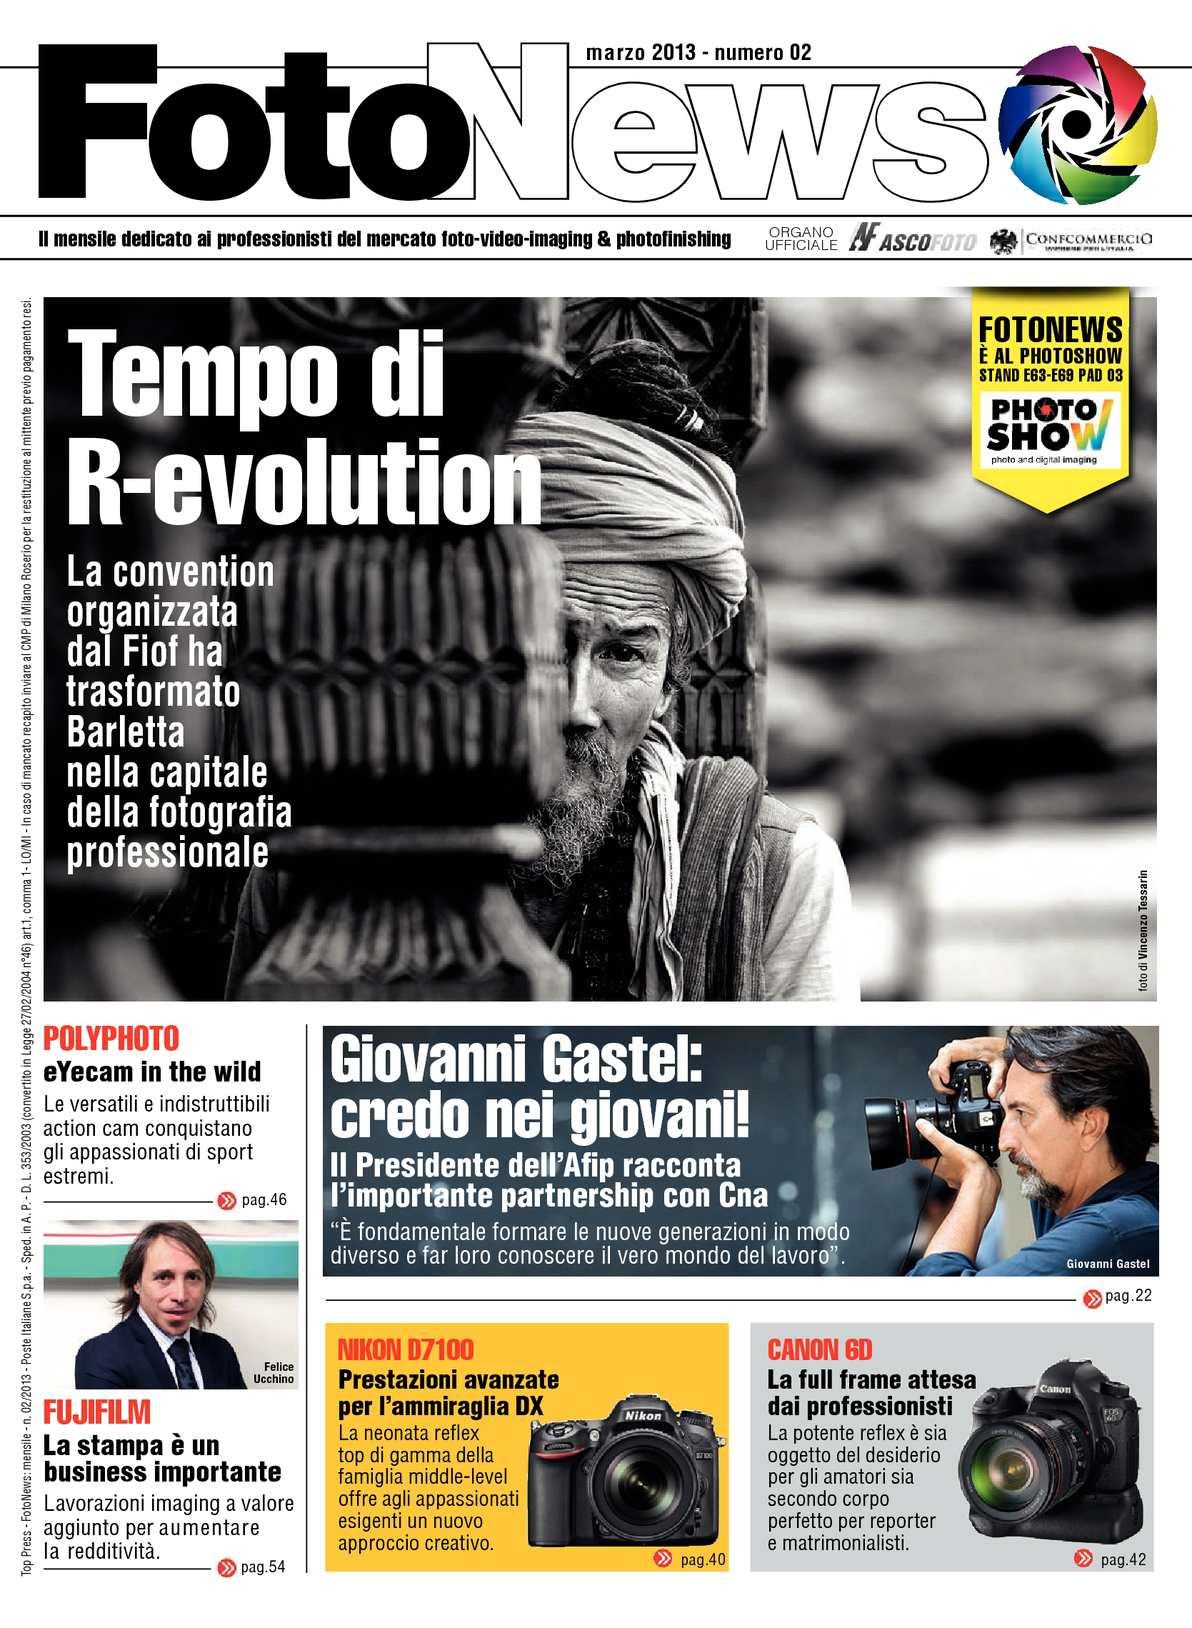 FotoNews 02/2013